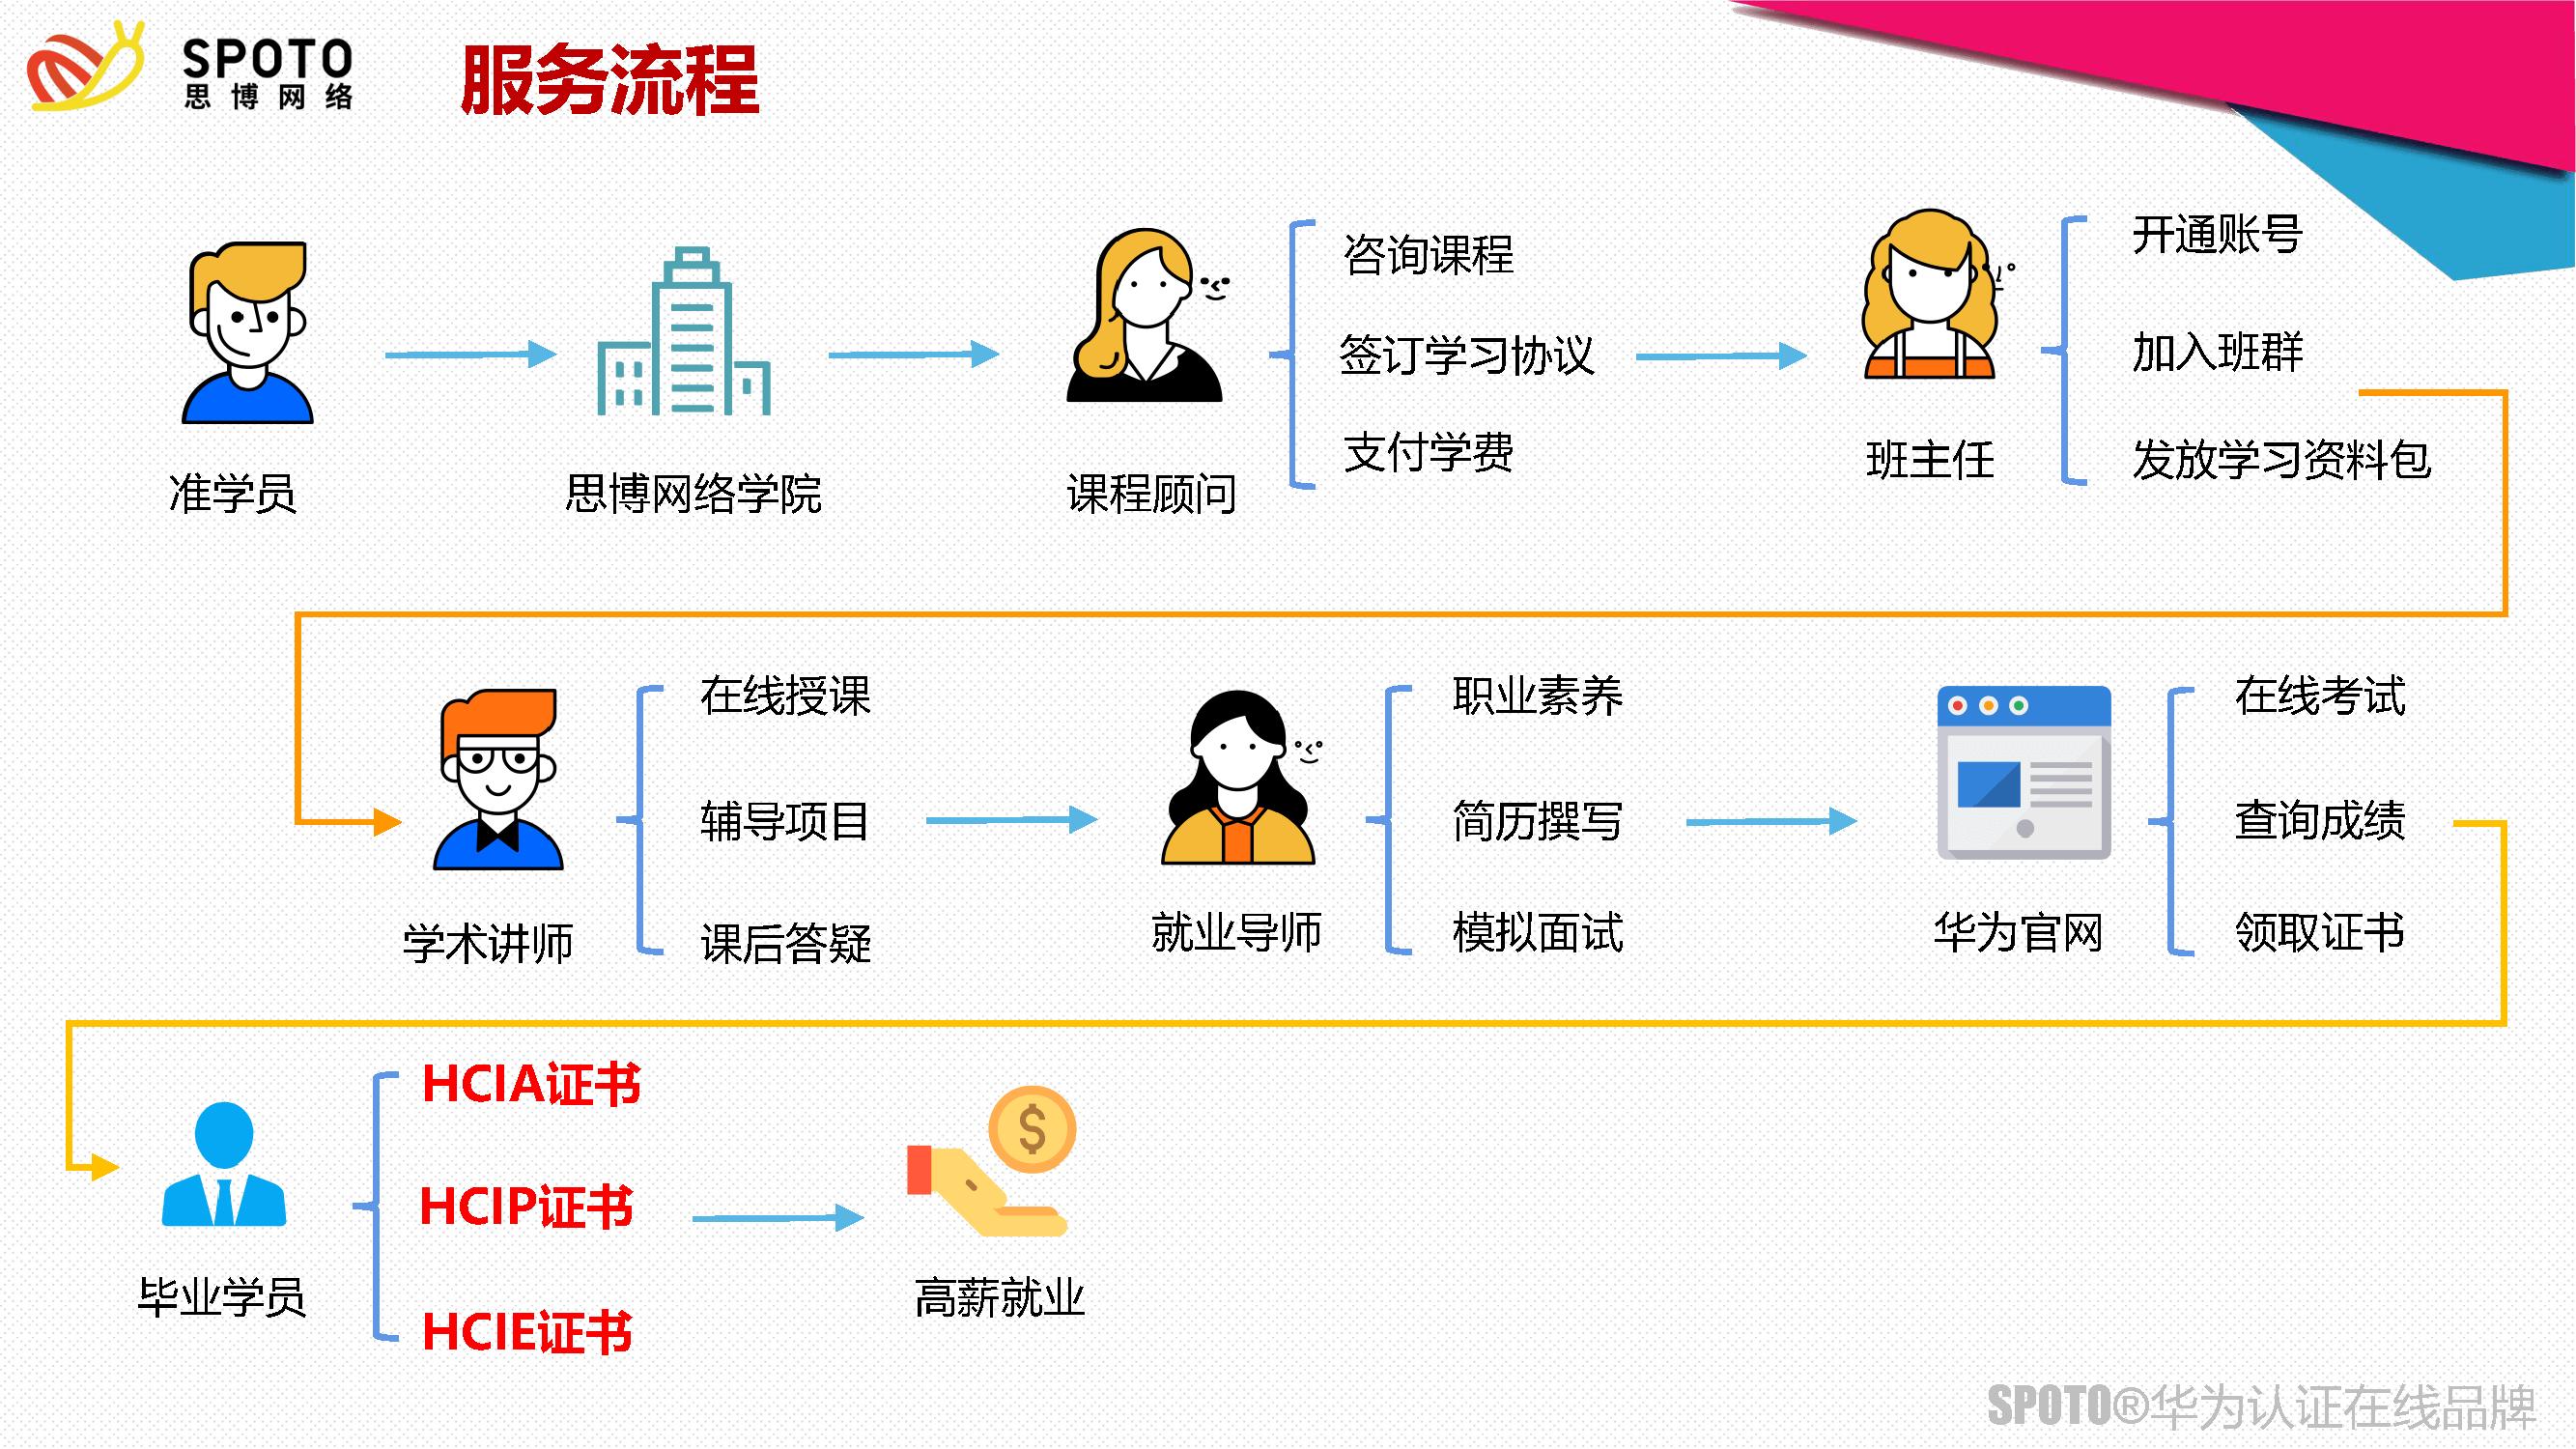 思博网络hcie服务模式